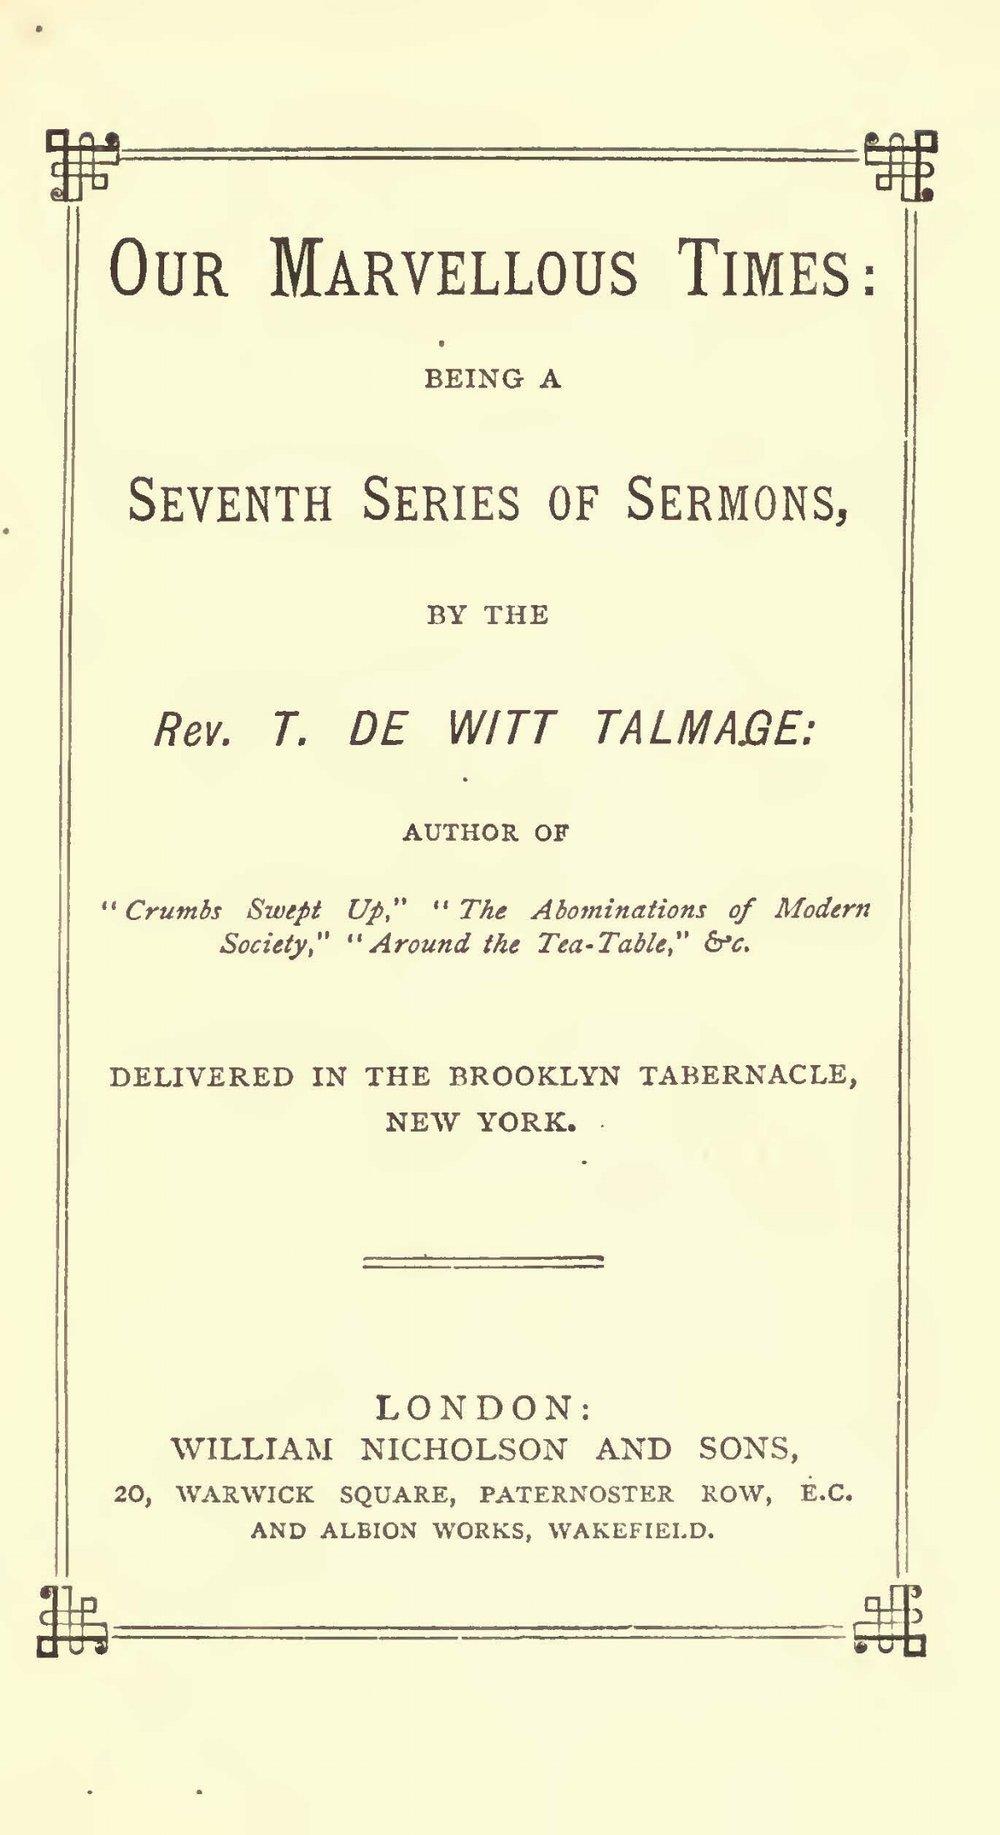 Talmage, Thomas De Witt, Our Marvellous Times Title Page.jpg